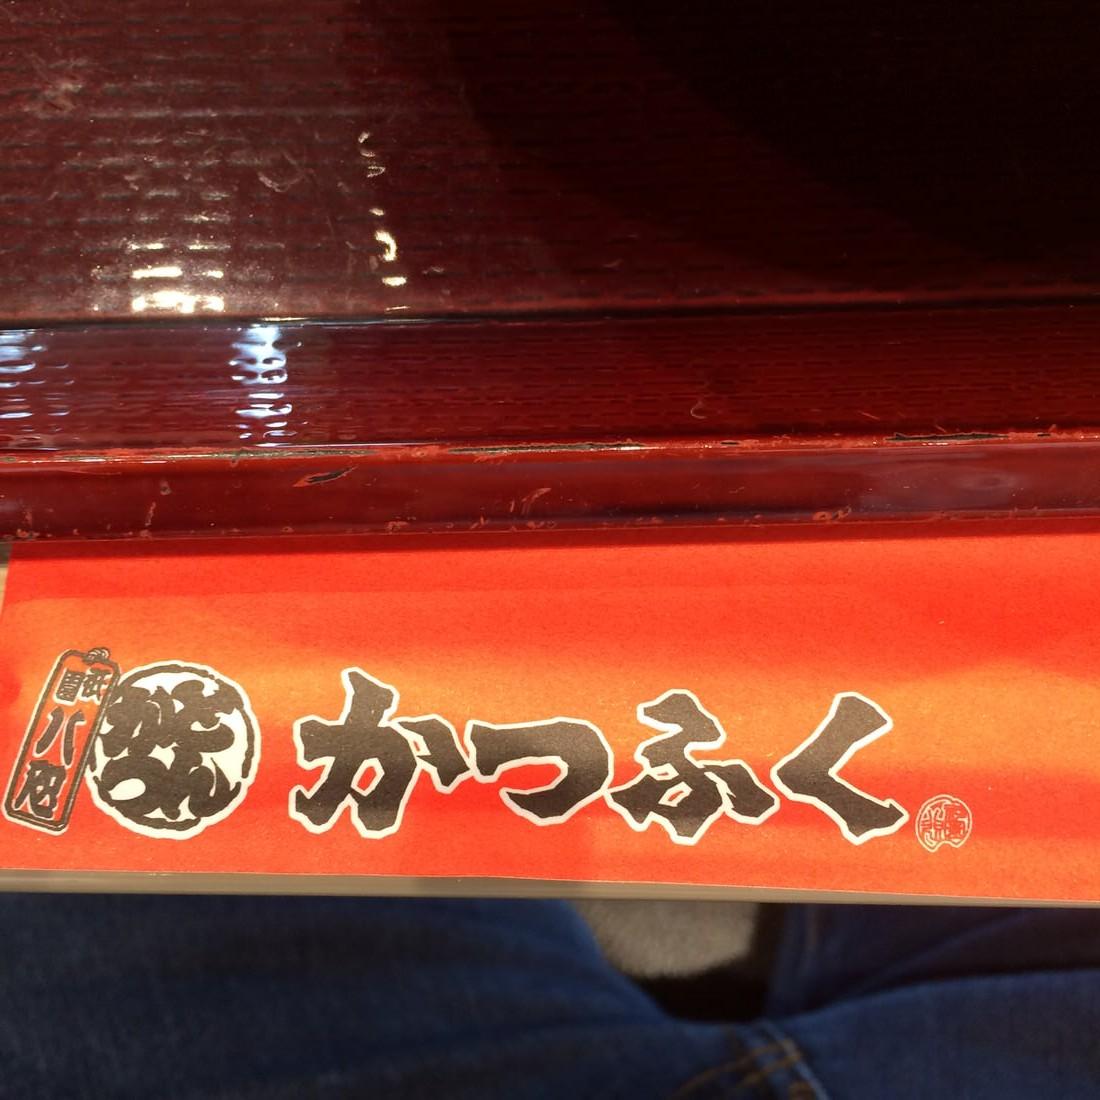 滋賀竜王のアウトレットでランチに悩んだらかつふくのカツ丼がベスト!